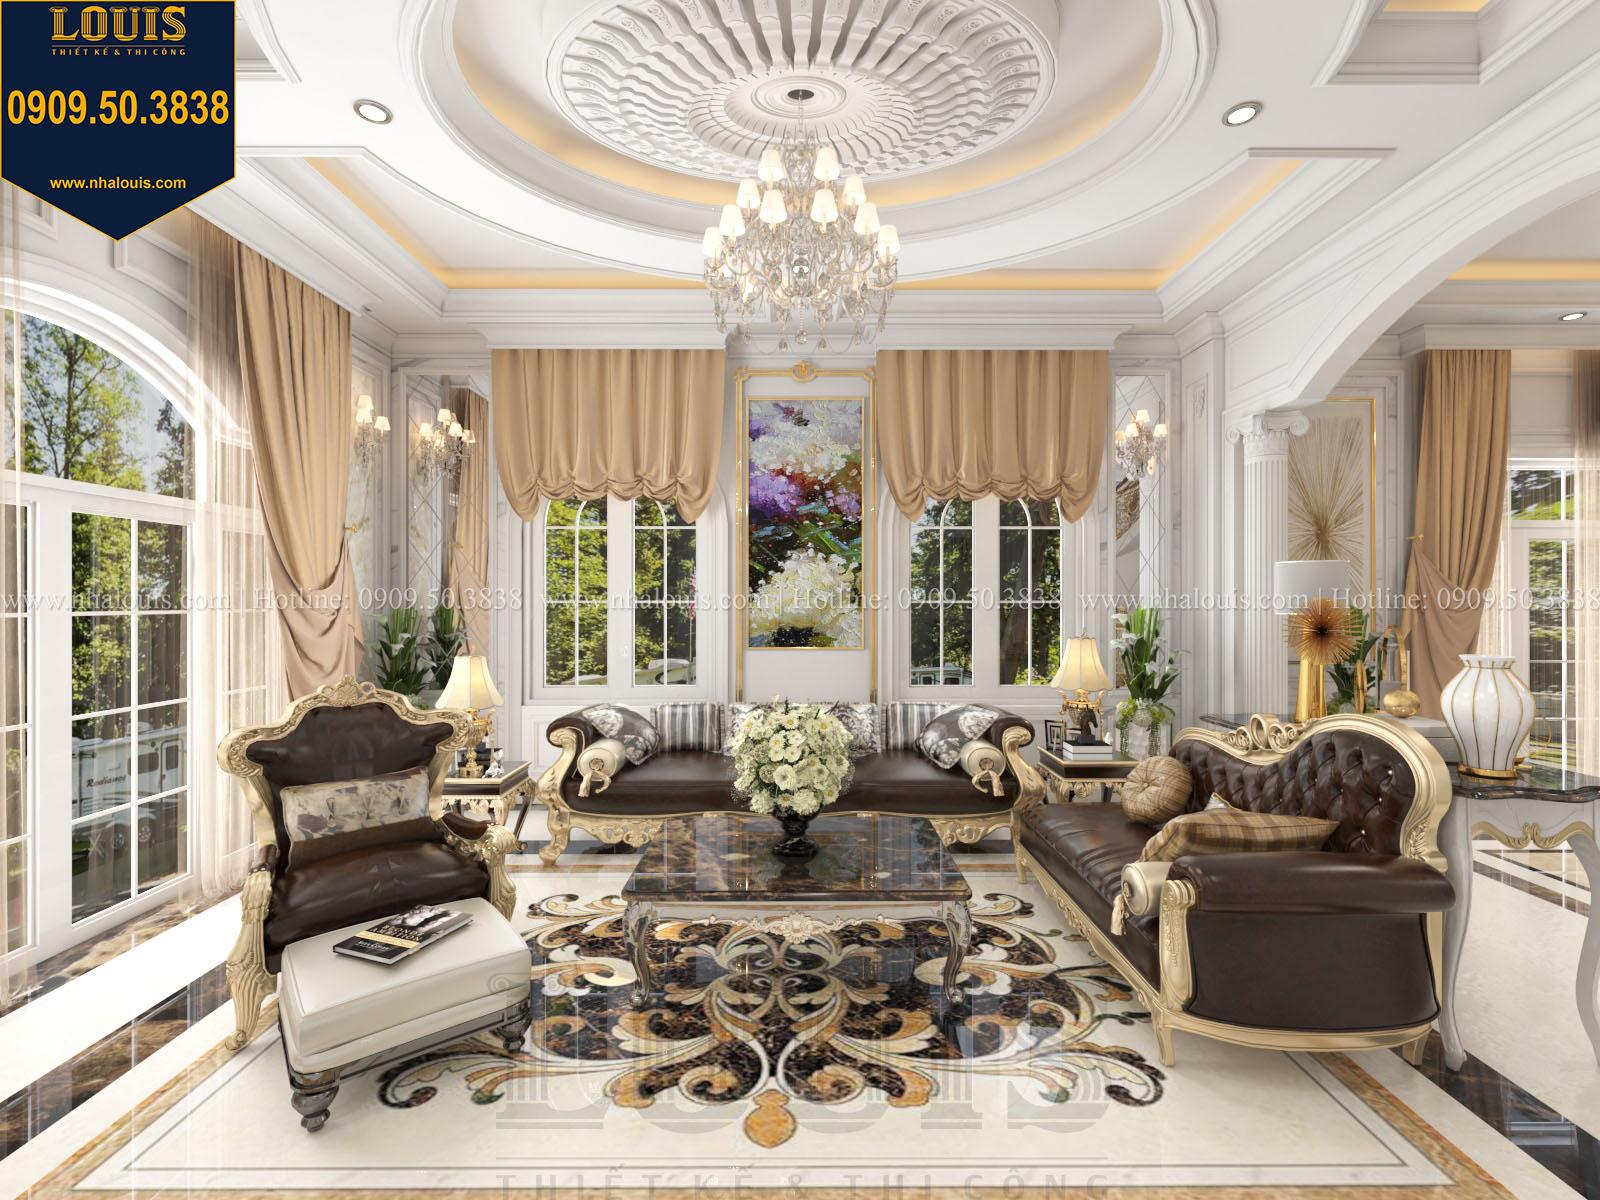 Phòng khách biệt thự 2 tầng đẹp với sofa bọc da nâu sang trọng - 013